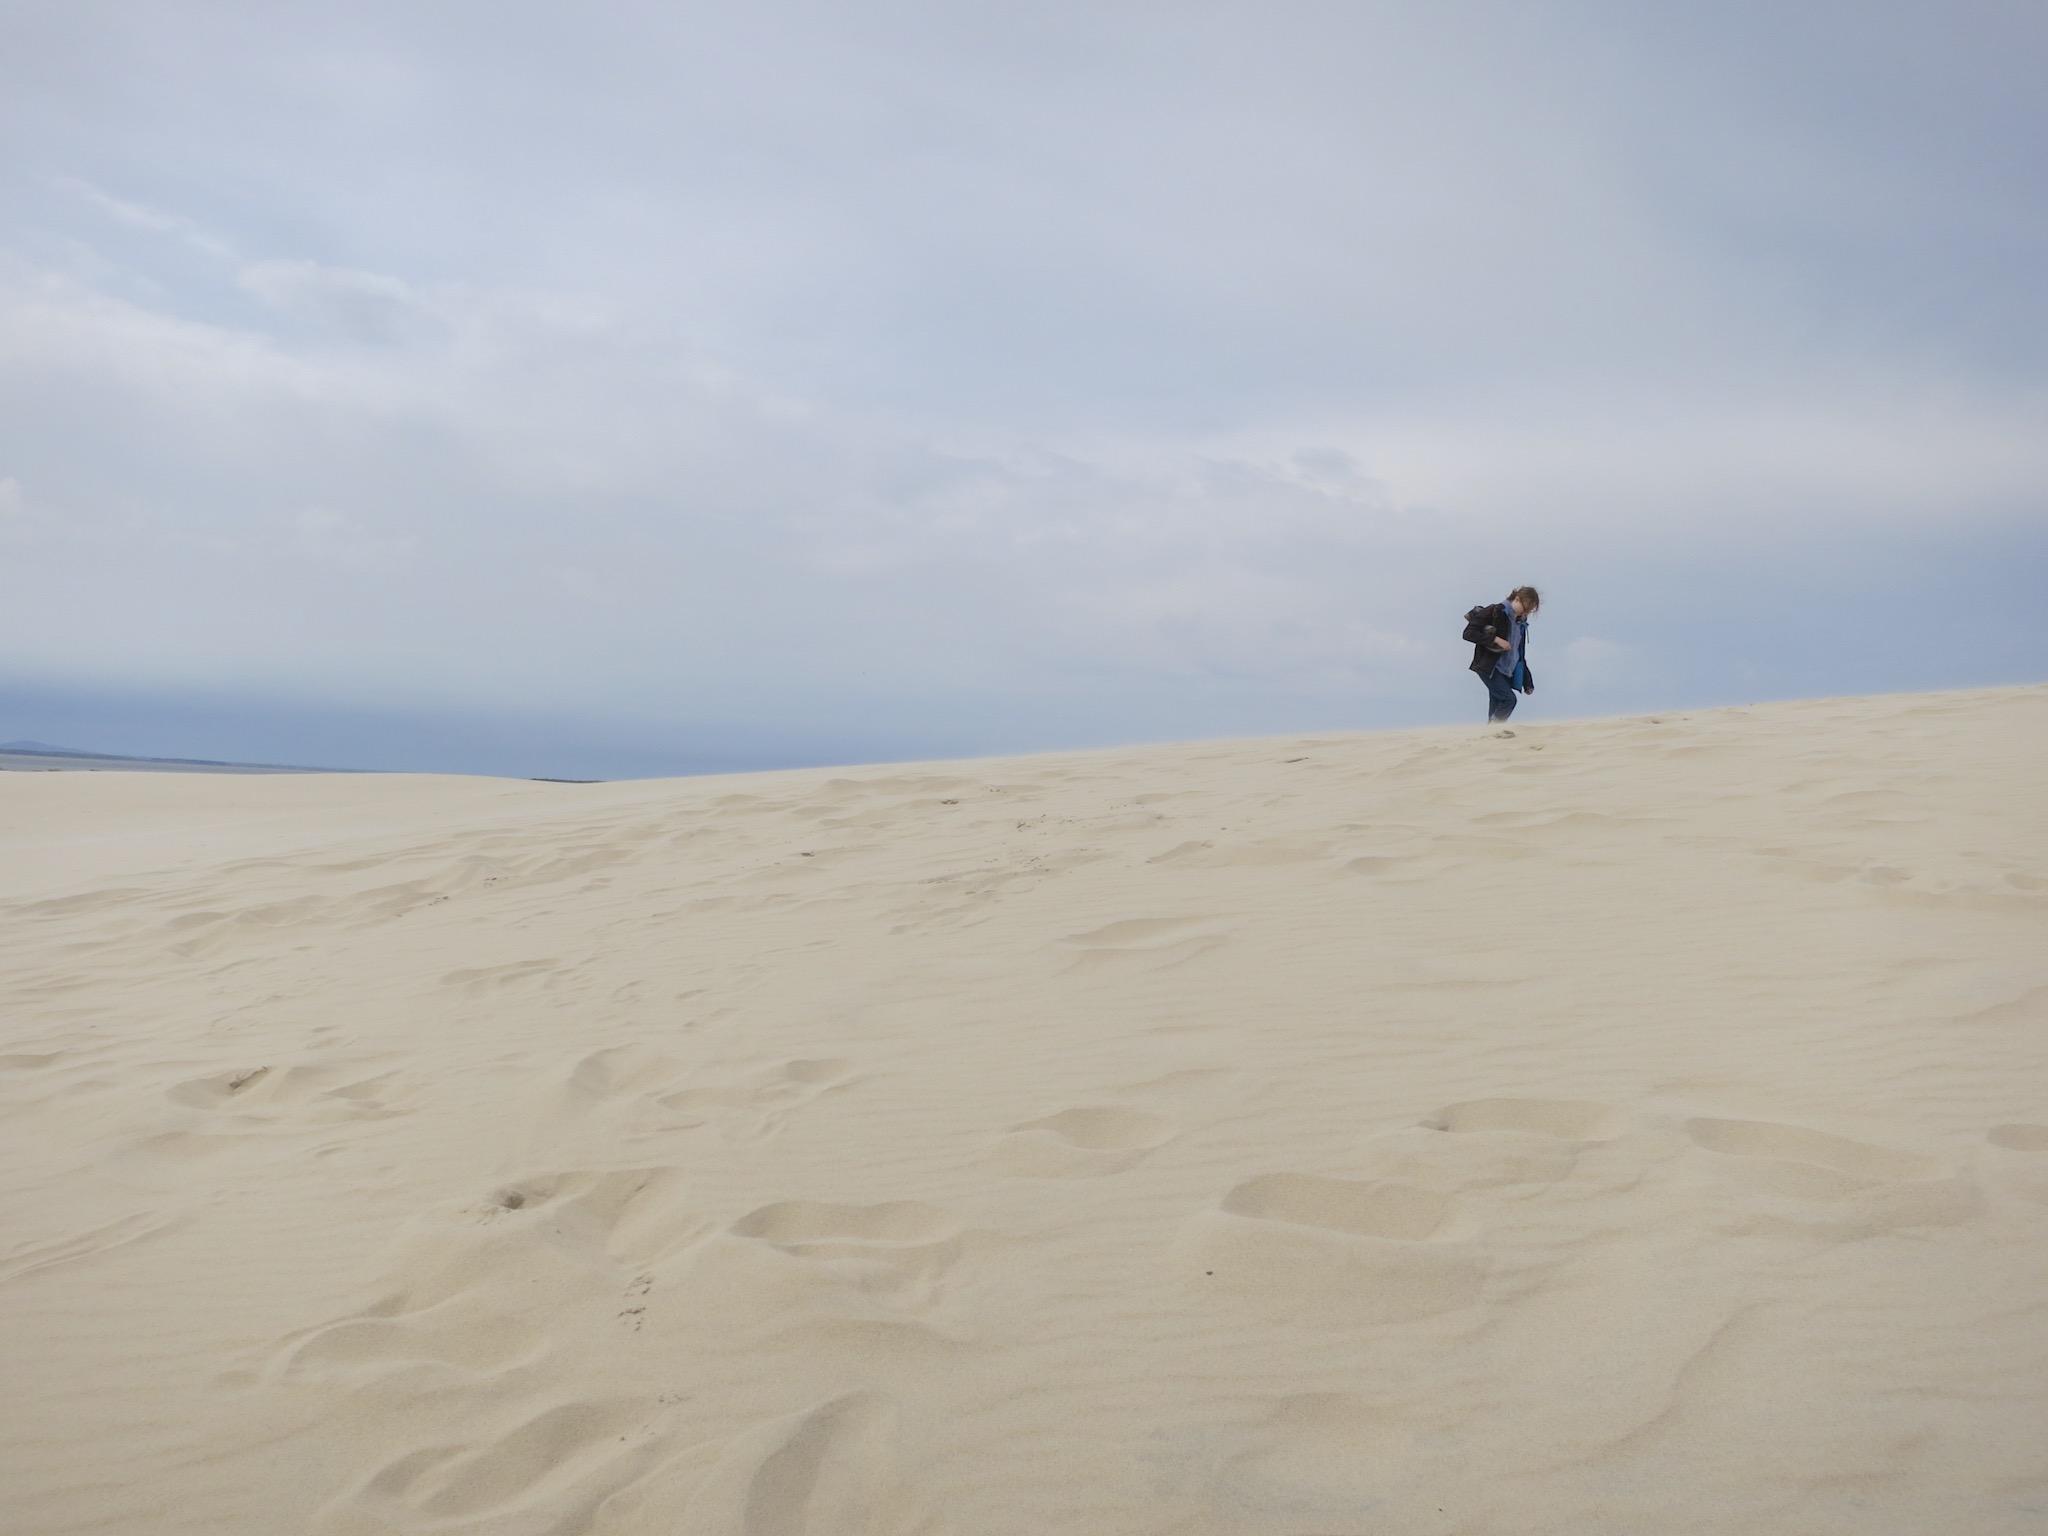 A walker on the Łackca Sand Dune In Słowiński National Park